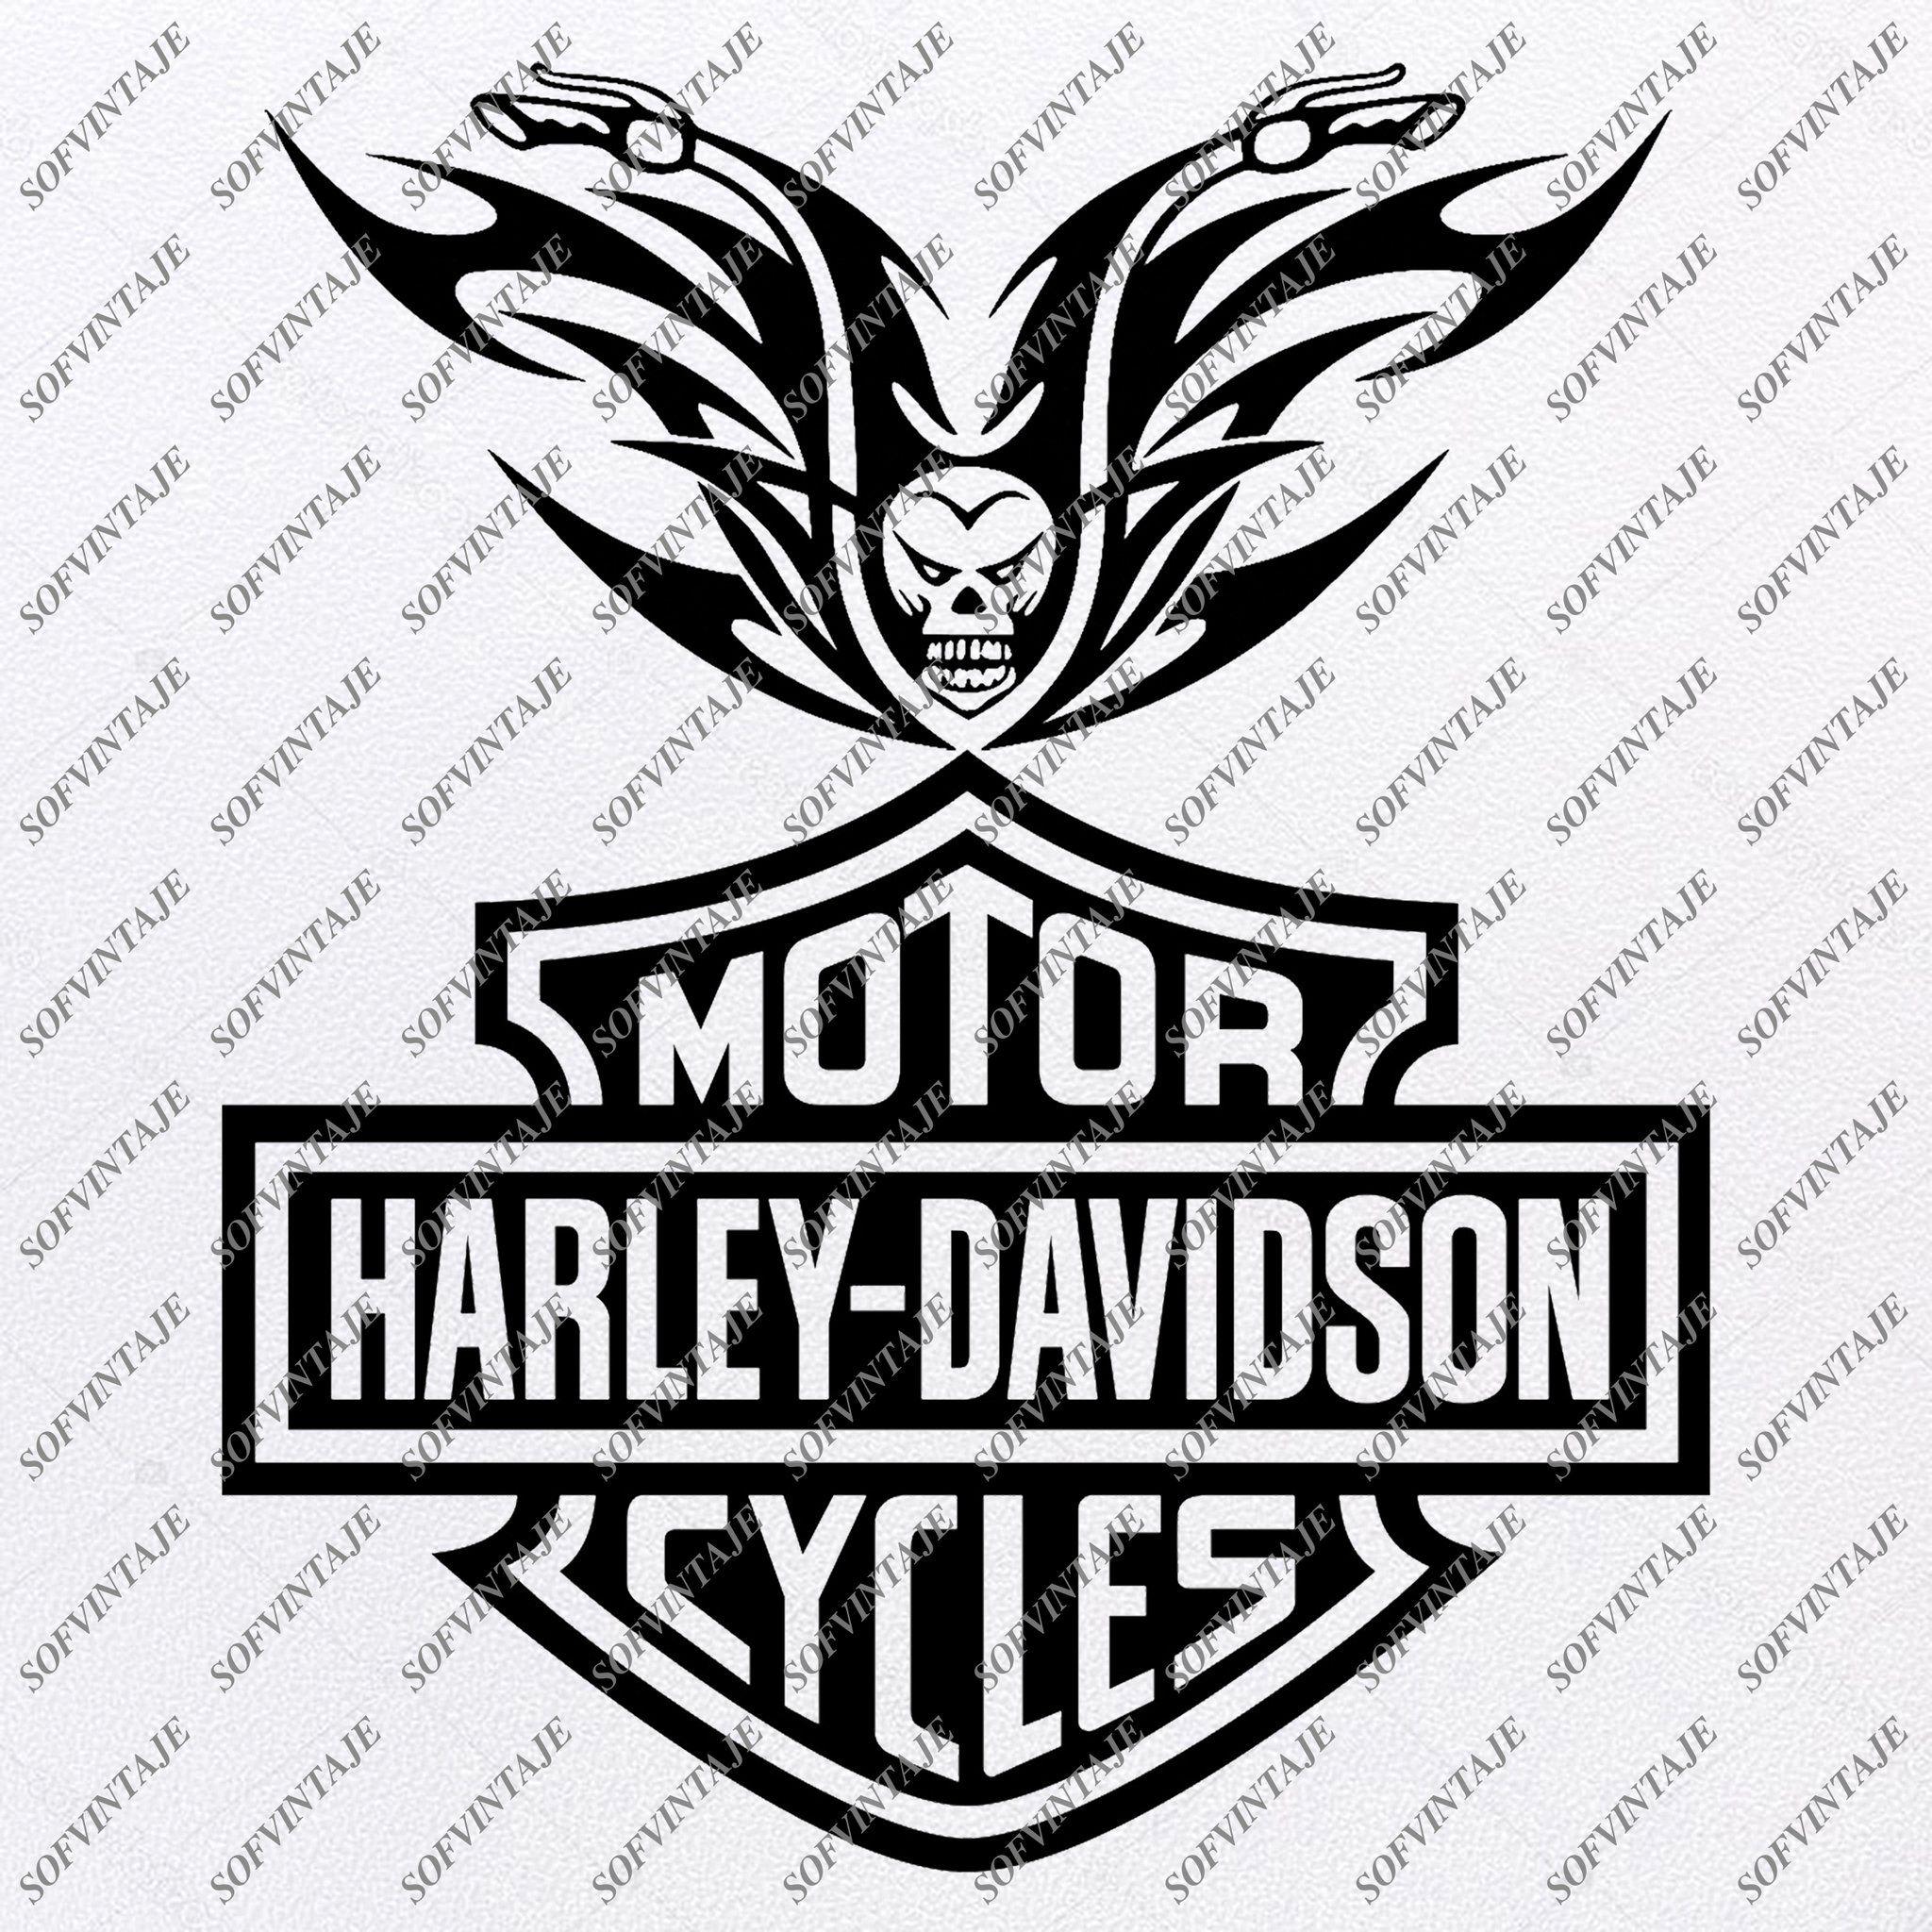 Harley Davidson Svg File Harley Davidson Svg Design Clipart Tattoo For Motorcycle Harley Davitson Png Vector Graphics Svg For Cricut For Silhouette Svg Eps In 2020 Silhouette Svg Svg Design Harley Davidson